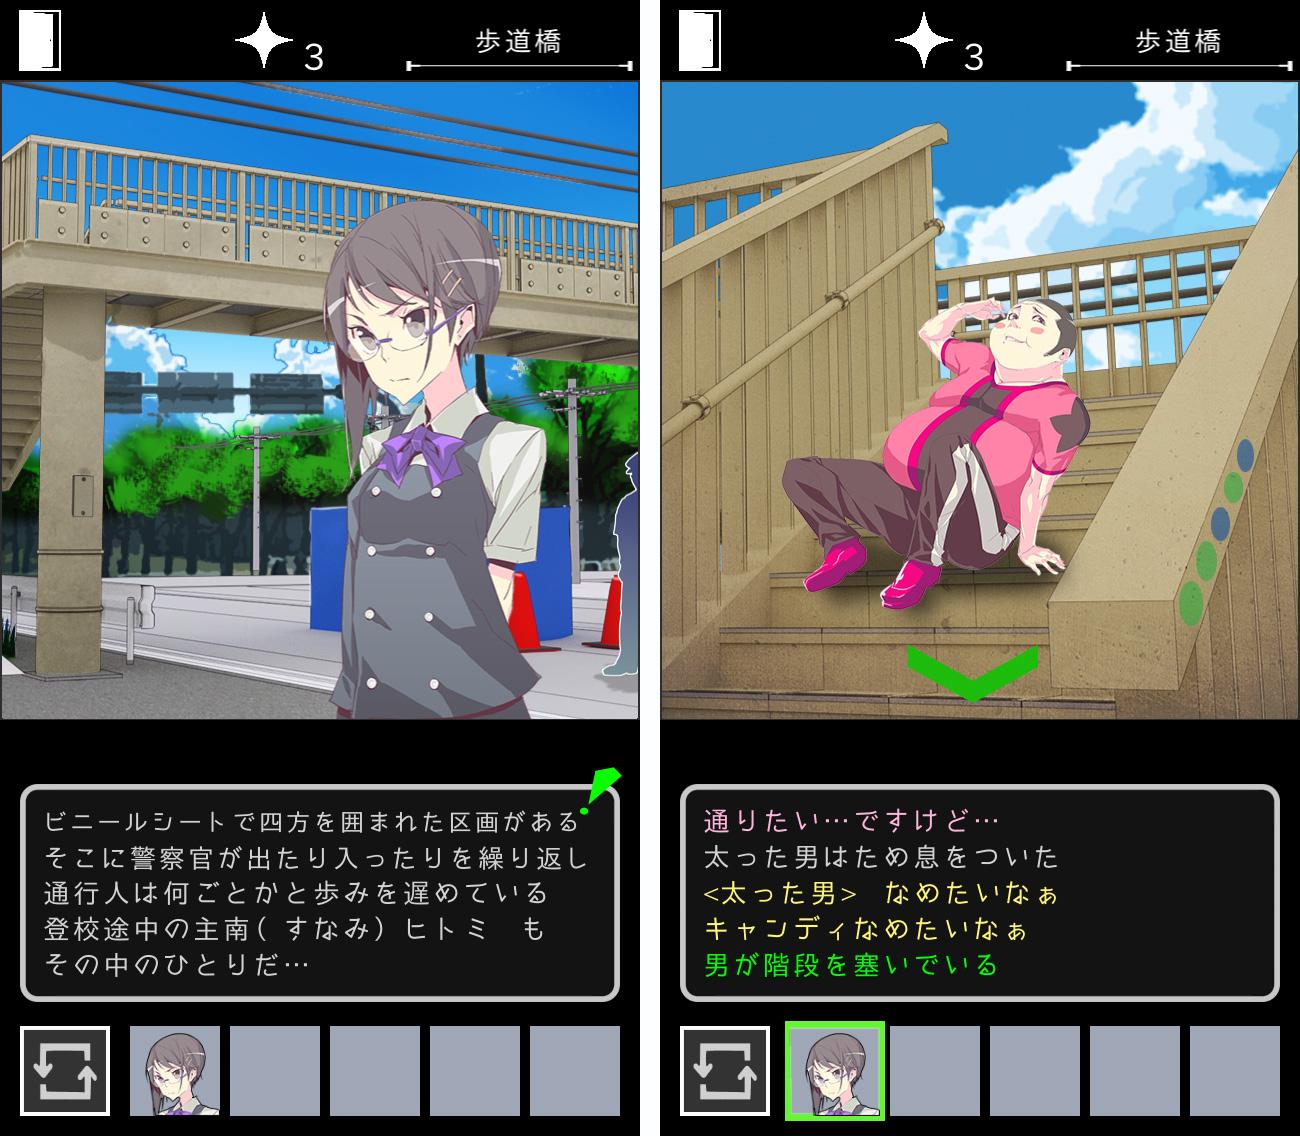 烏菜木市奇譚(うなぎしきたん) 『陸橋水難』 androidアプリスクリーンショット1